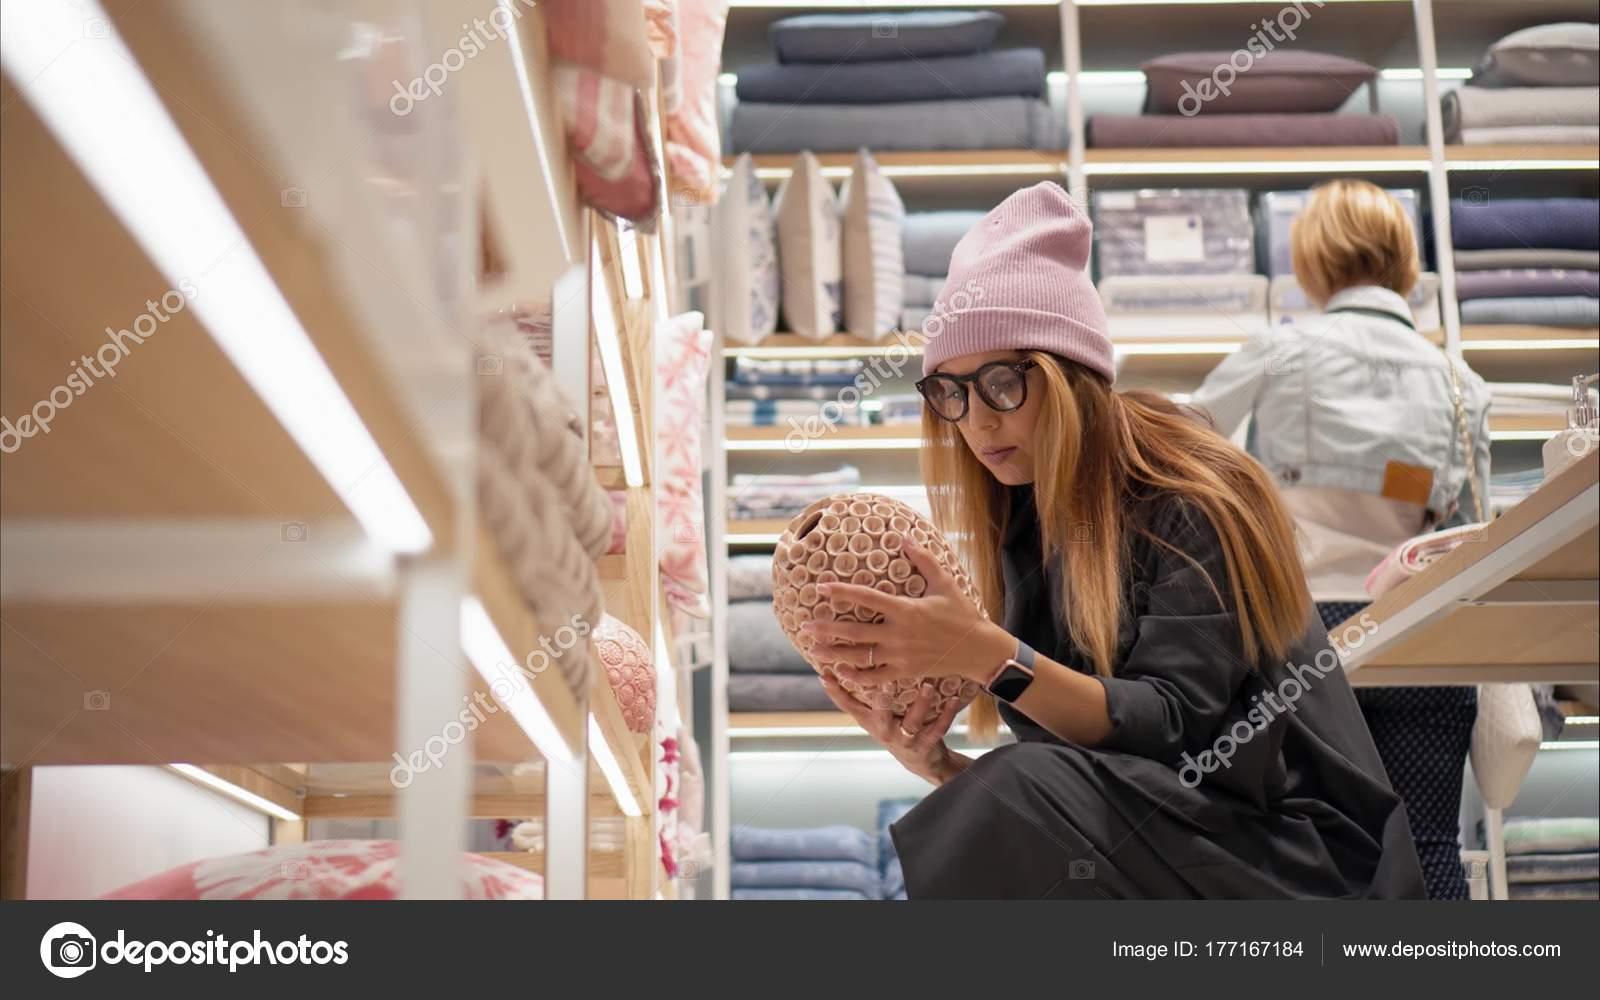 Minsk, Bielorrusia 10 de octubre de 2017. Interior Zara Home Tienda en Minsk. Una mujer joven inconformista elige accesorios Inicio la tienda. Ir de compras